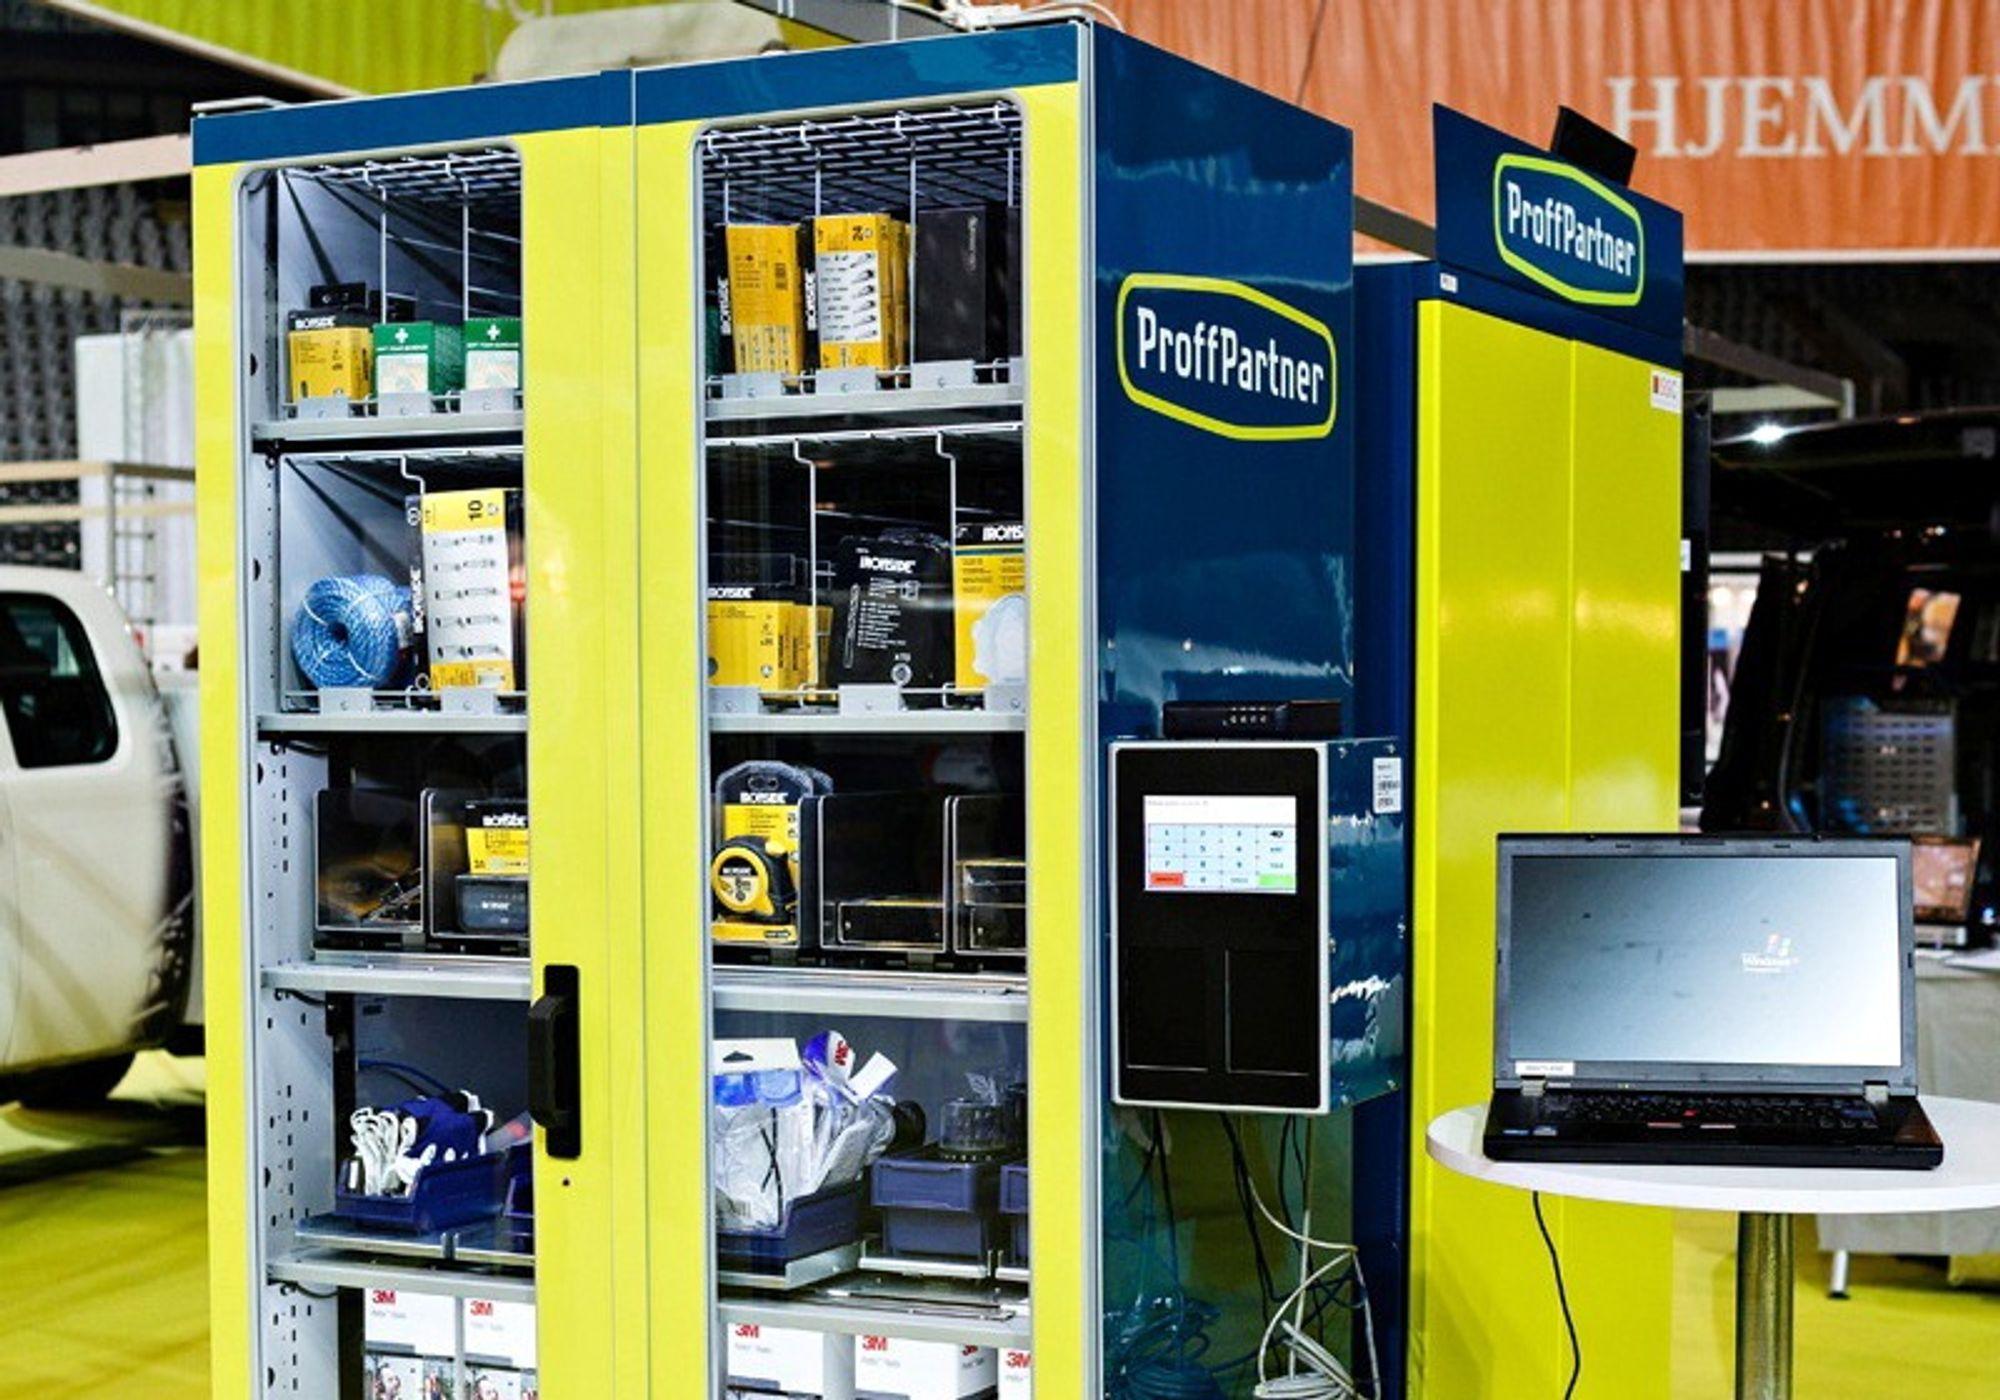 Automatisk håndtering av forbruksvarer gir bedre kontroll på lagerbeholdning og innkjøpsprosesser.